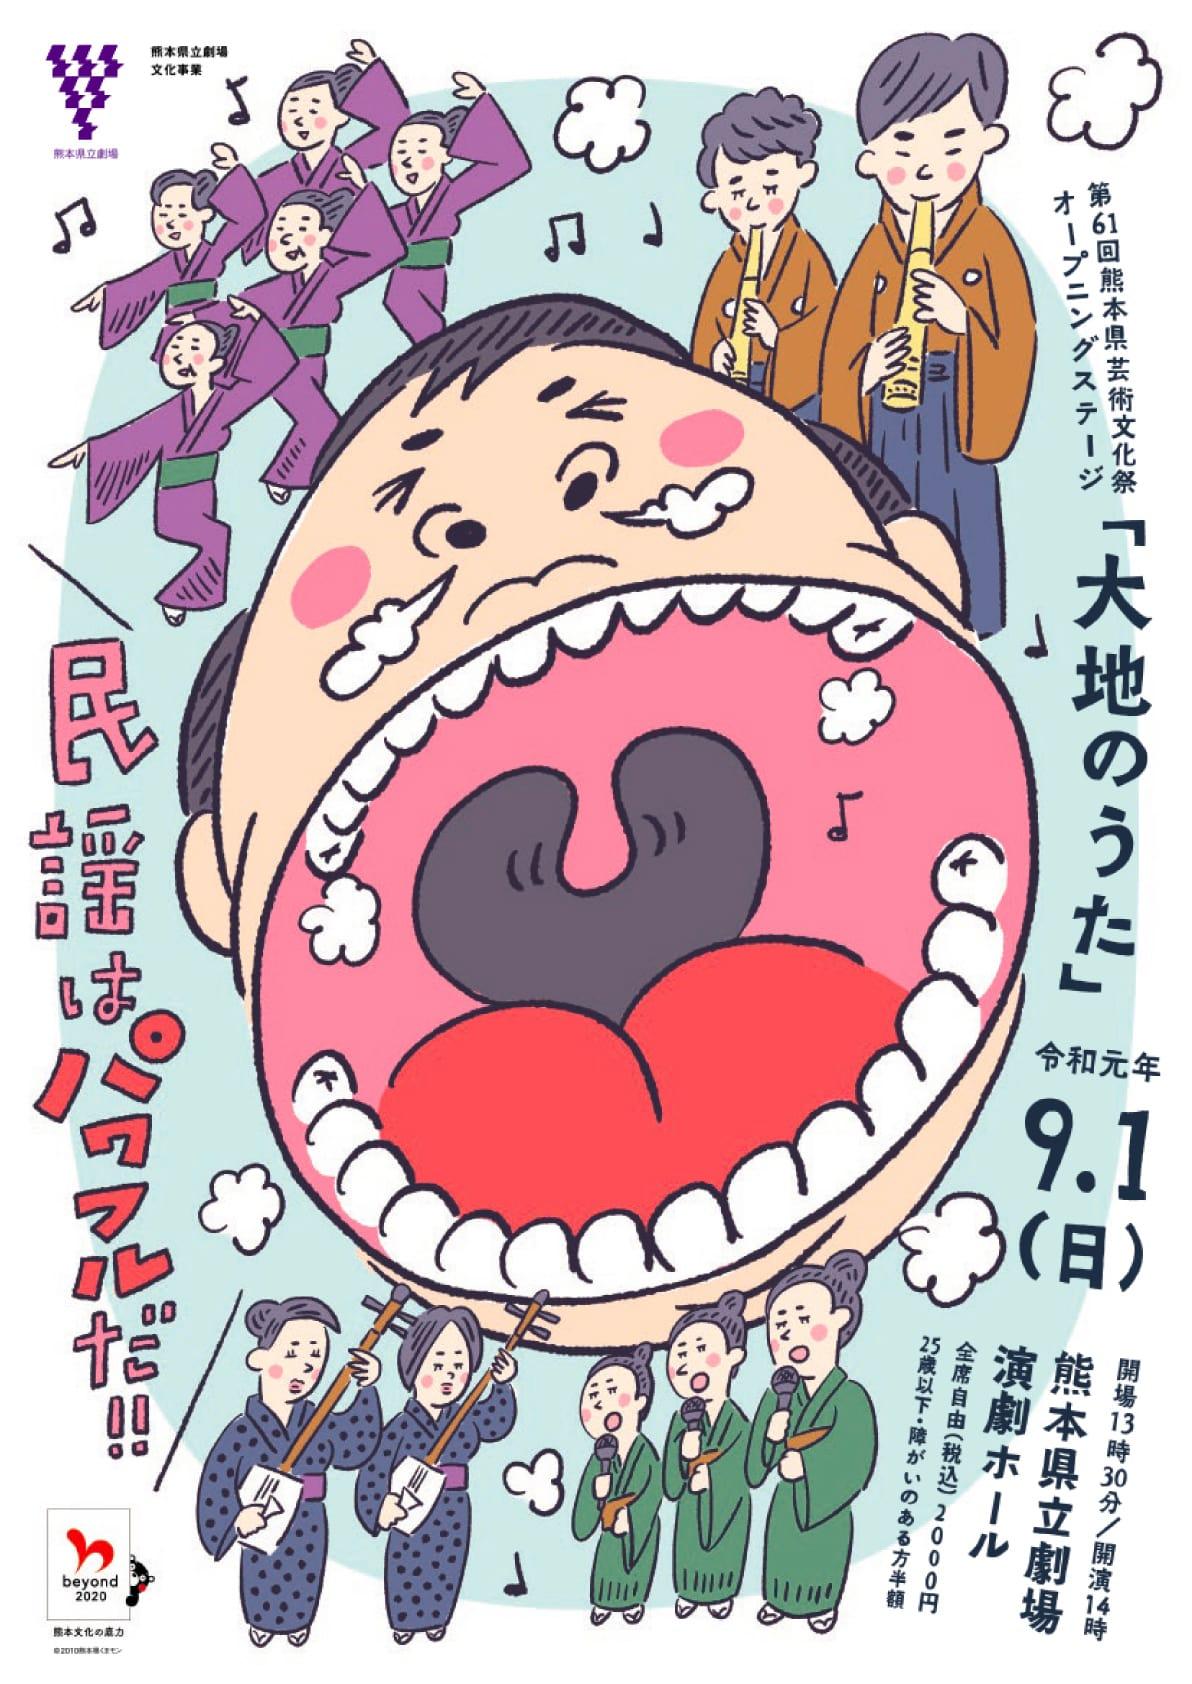 第61回熊本県芸術文化祭オープニングステージ「大地のうた」チラシ1